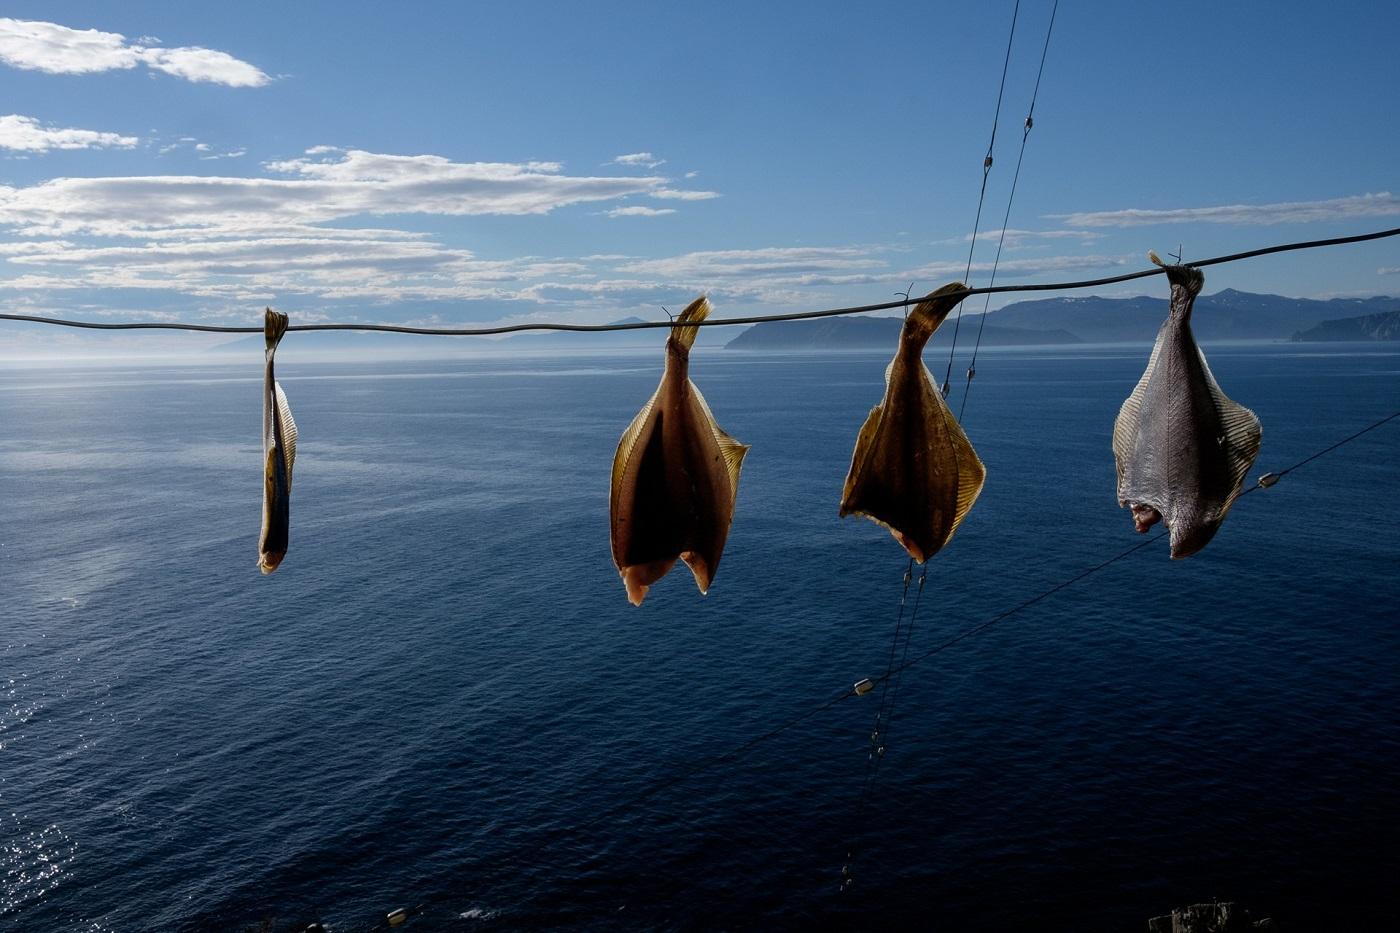 Frisch gefangene Plattfische dörren in der Sonne. Das Leben am Leuchtturm läuft weitgehend autonom – einmal jährlich werden Lebensmittel über den Seeweg geliefert